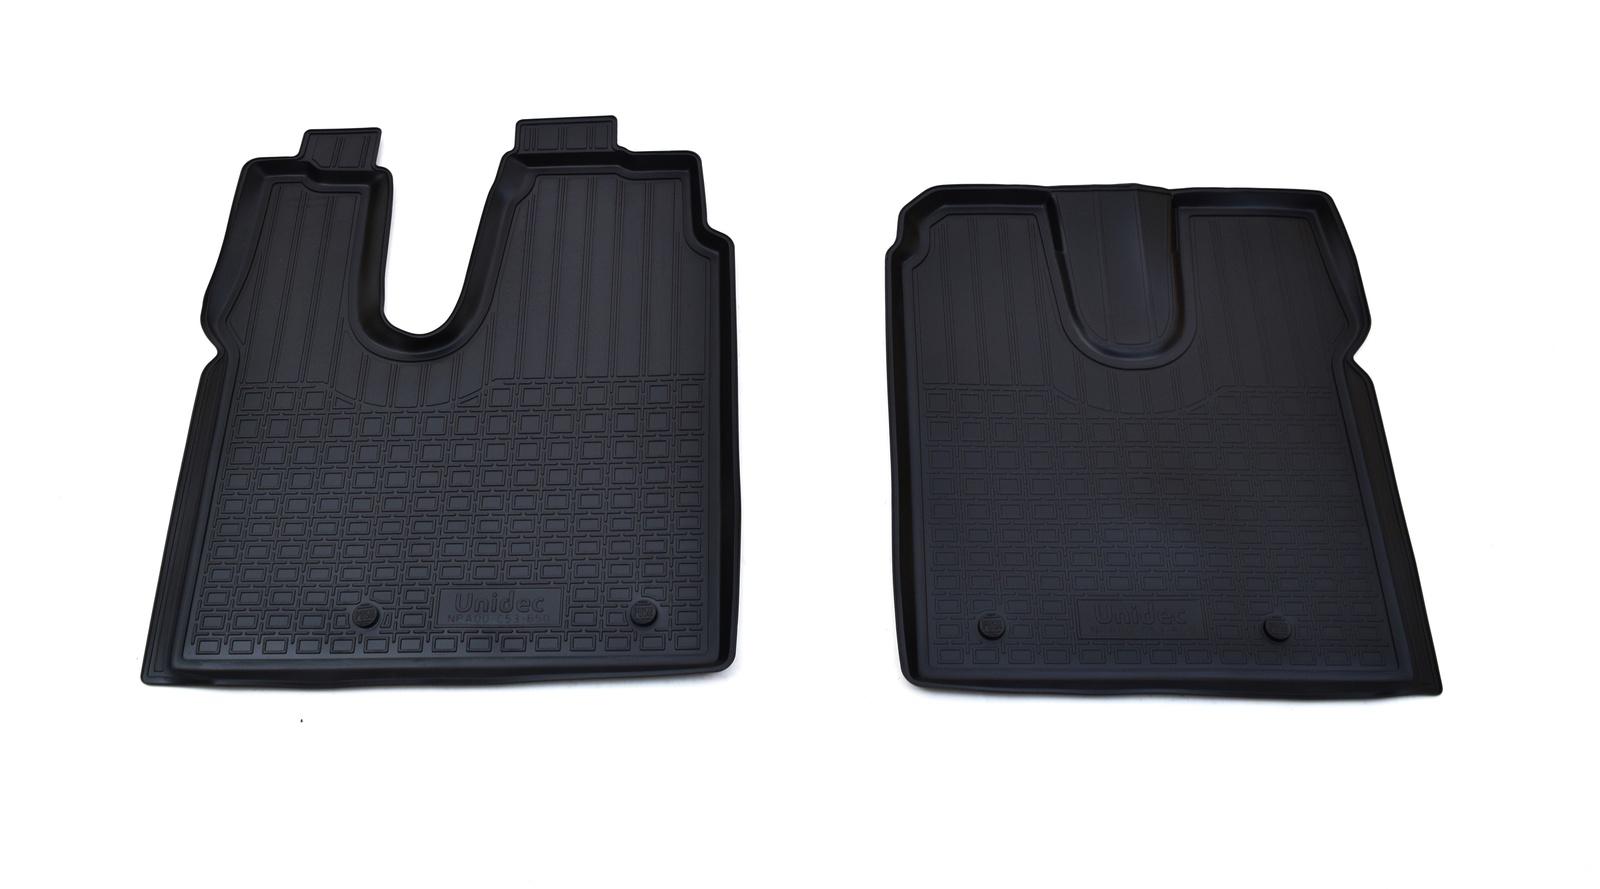 Коврики в салон автомобиля Norplast для MAN TGS (2007), NPA00-C53-650, черный dean tgs nv bks